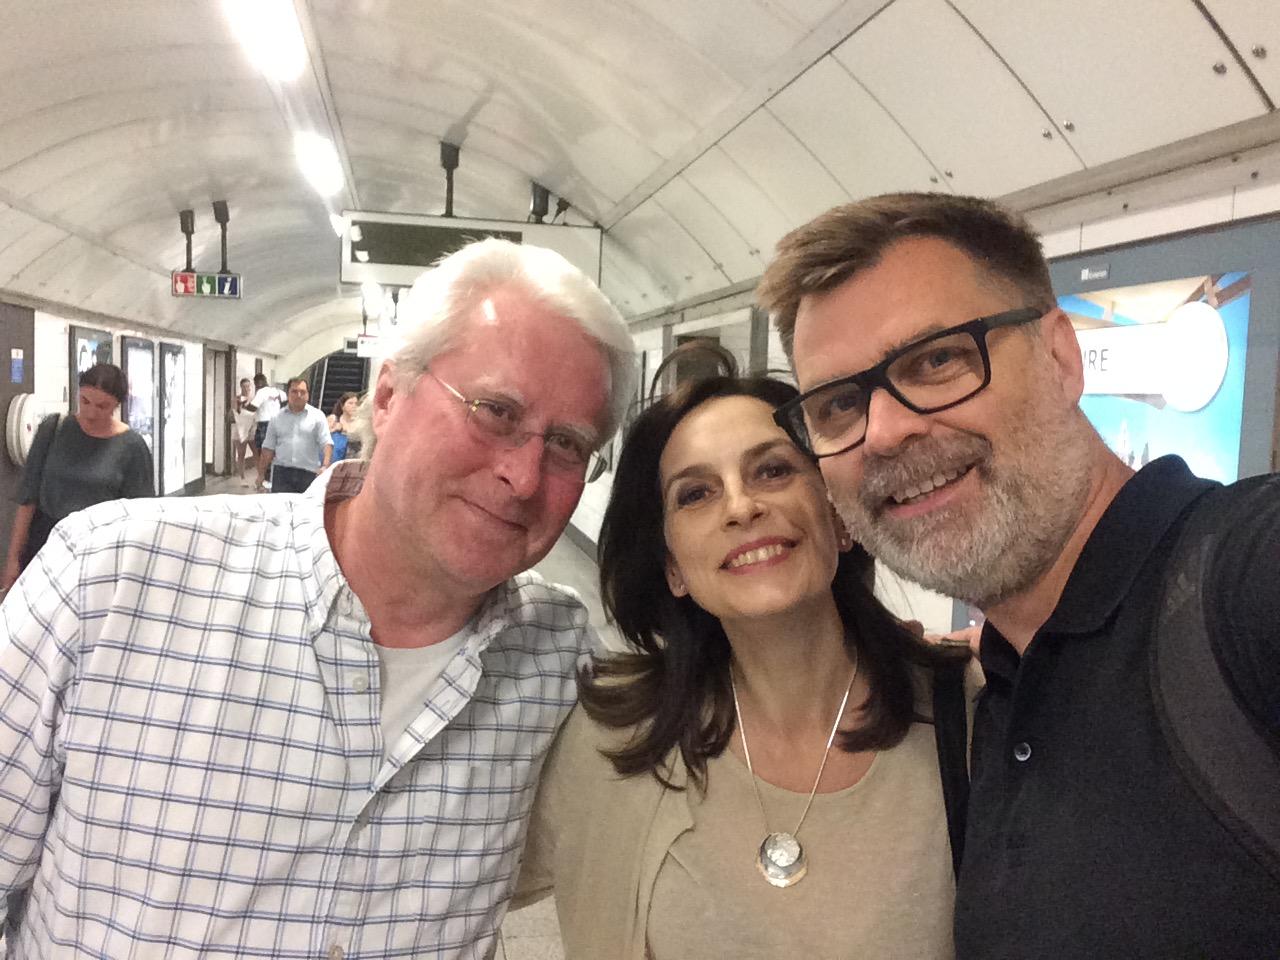 Martin Hummel/UMG, Emma Perry/UM Publicity and Chris Philips/Jazz FM.